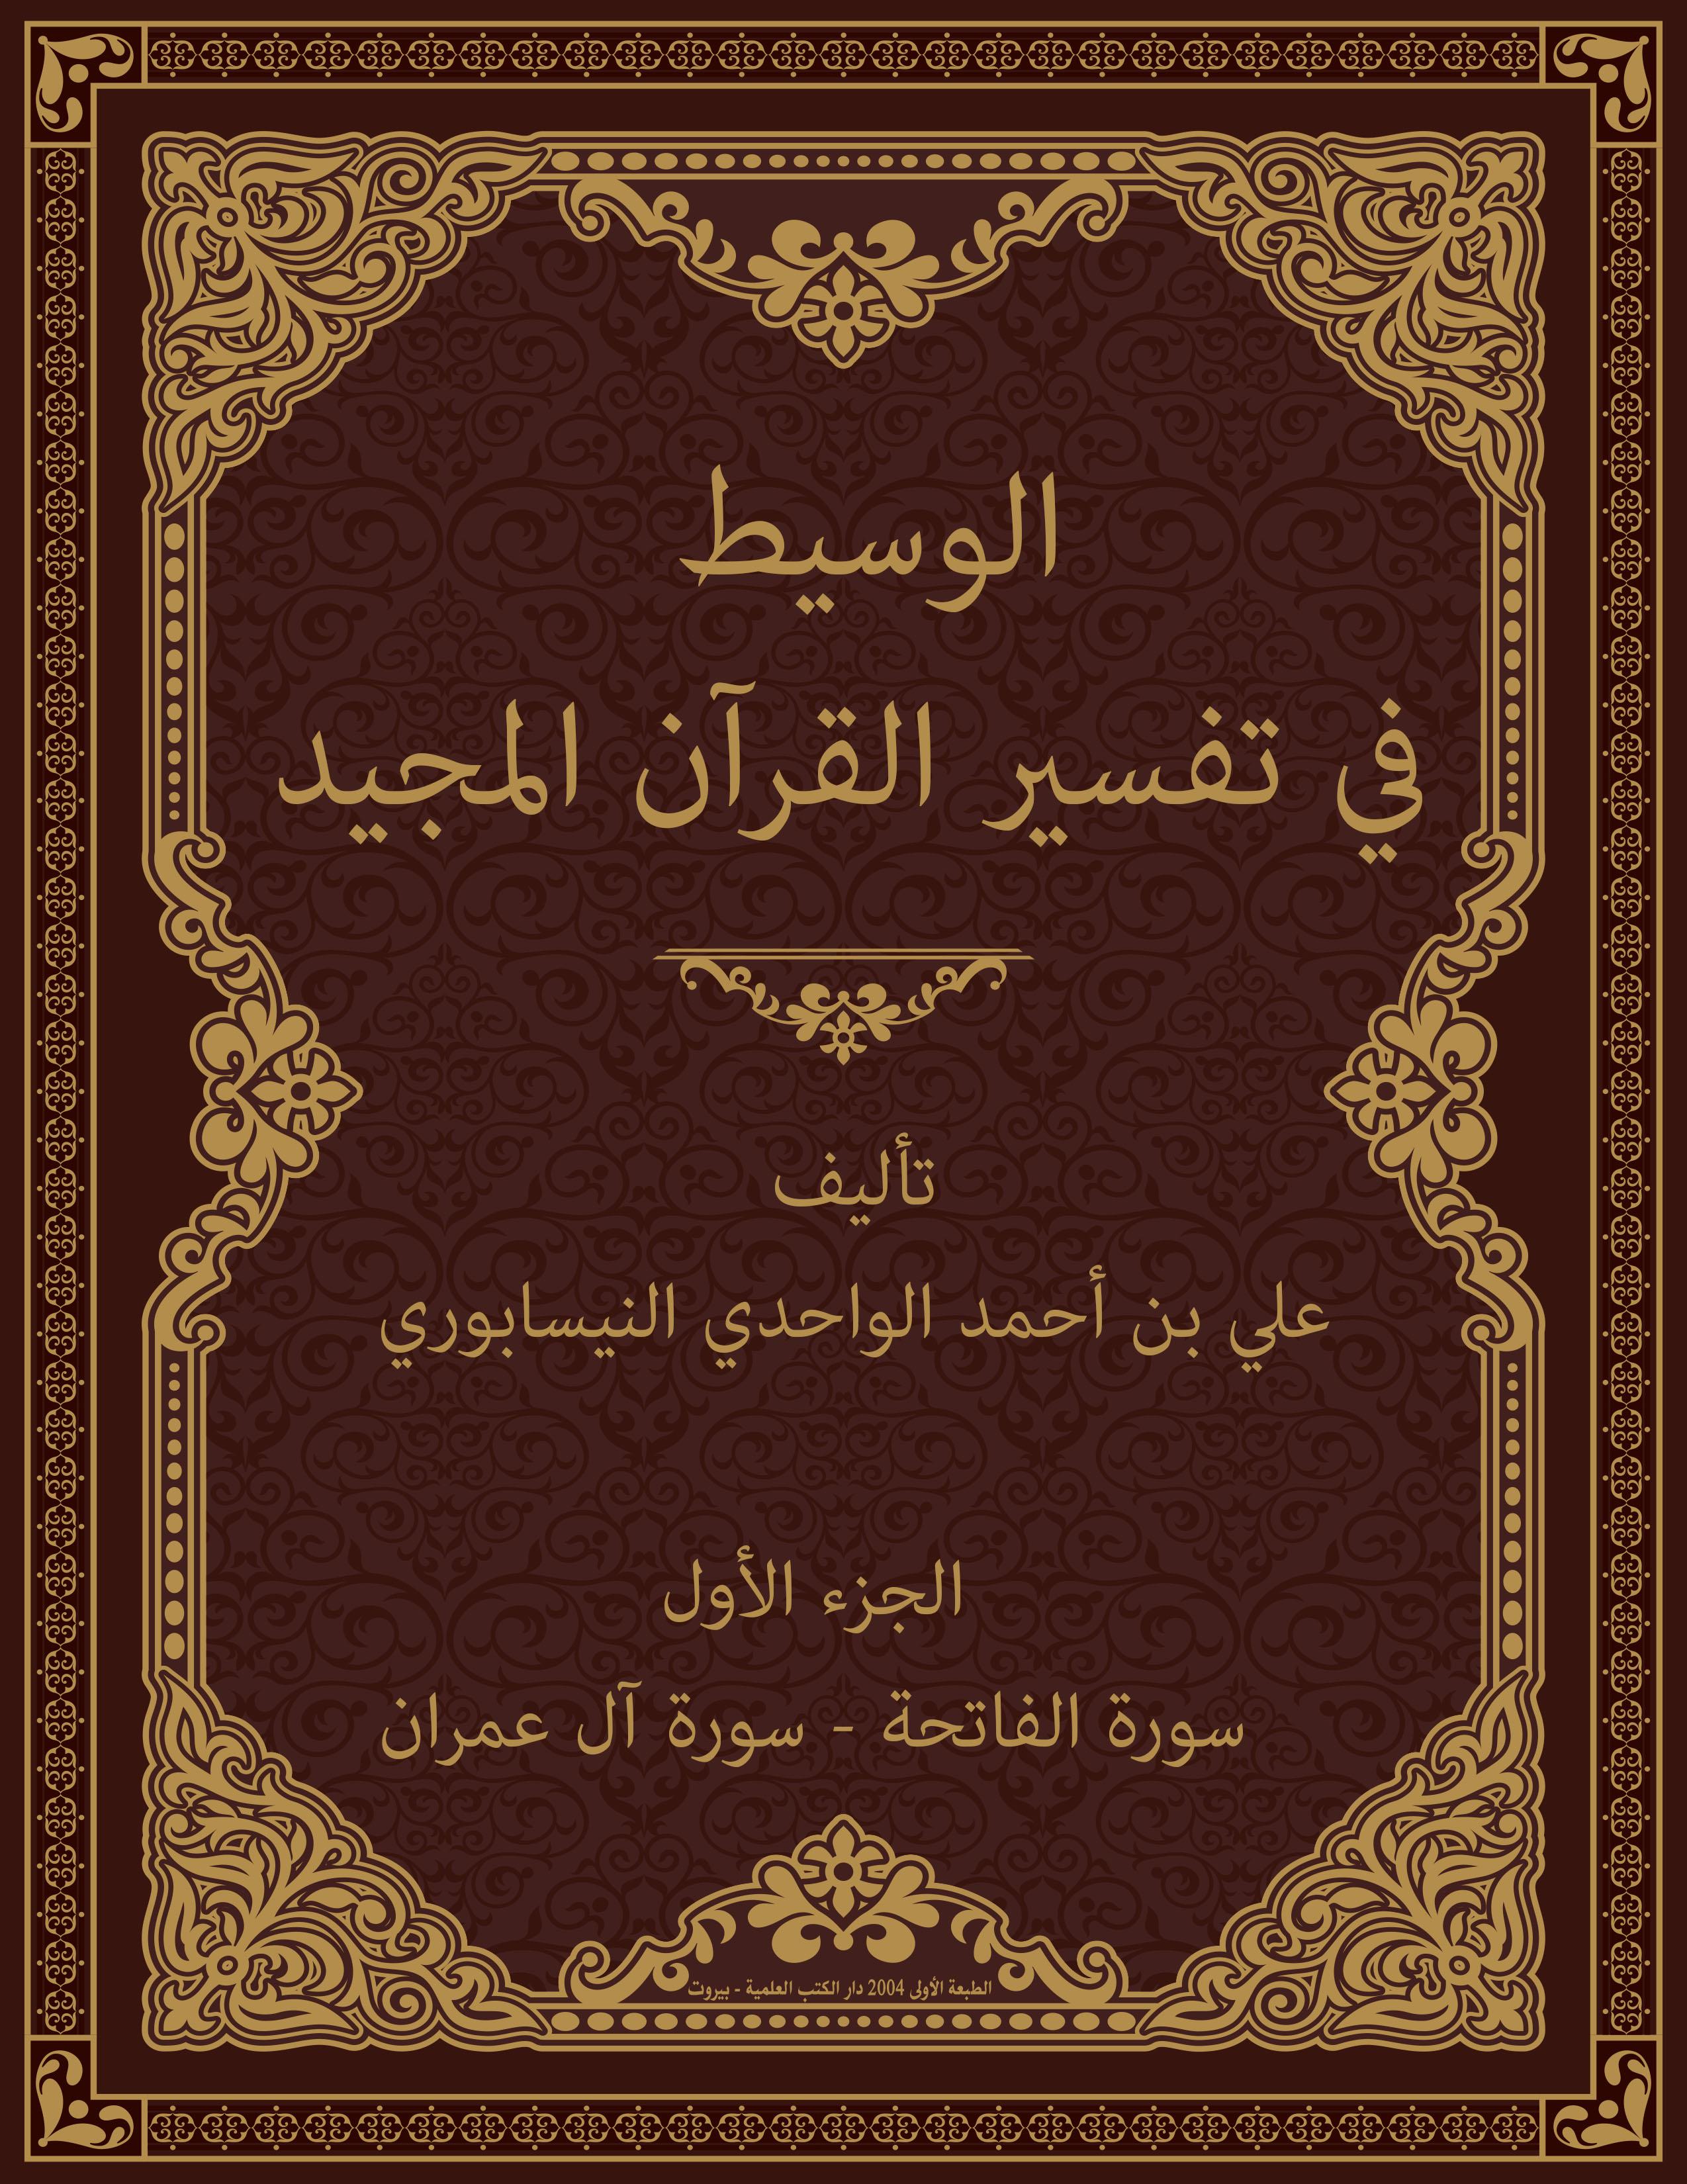 الوسيط في تفسير القرآن المجيد (الجزء الأول سورة الفاتحة - سورة آل عمران)